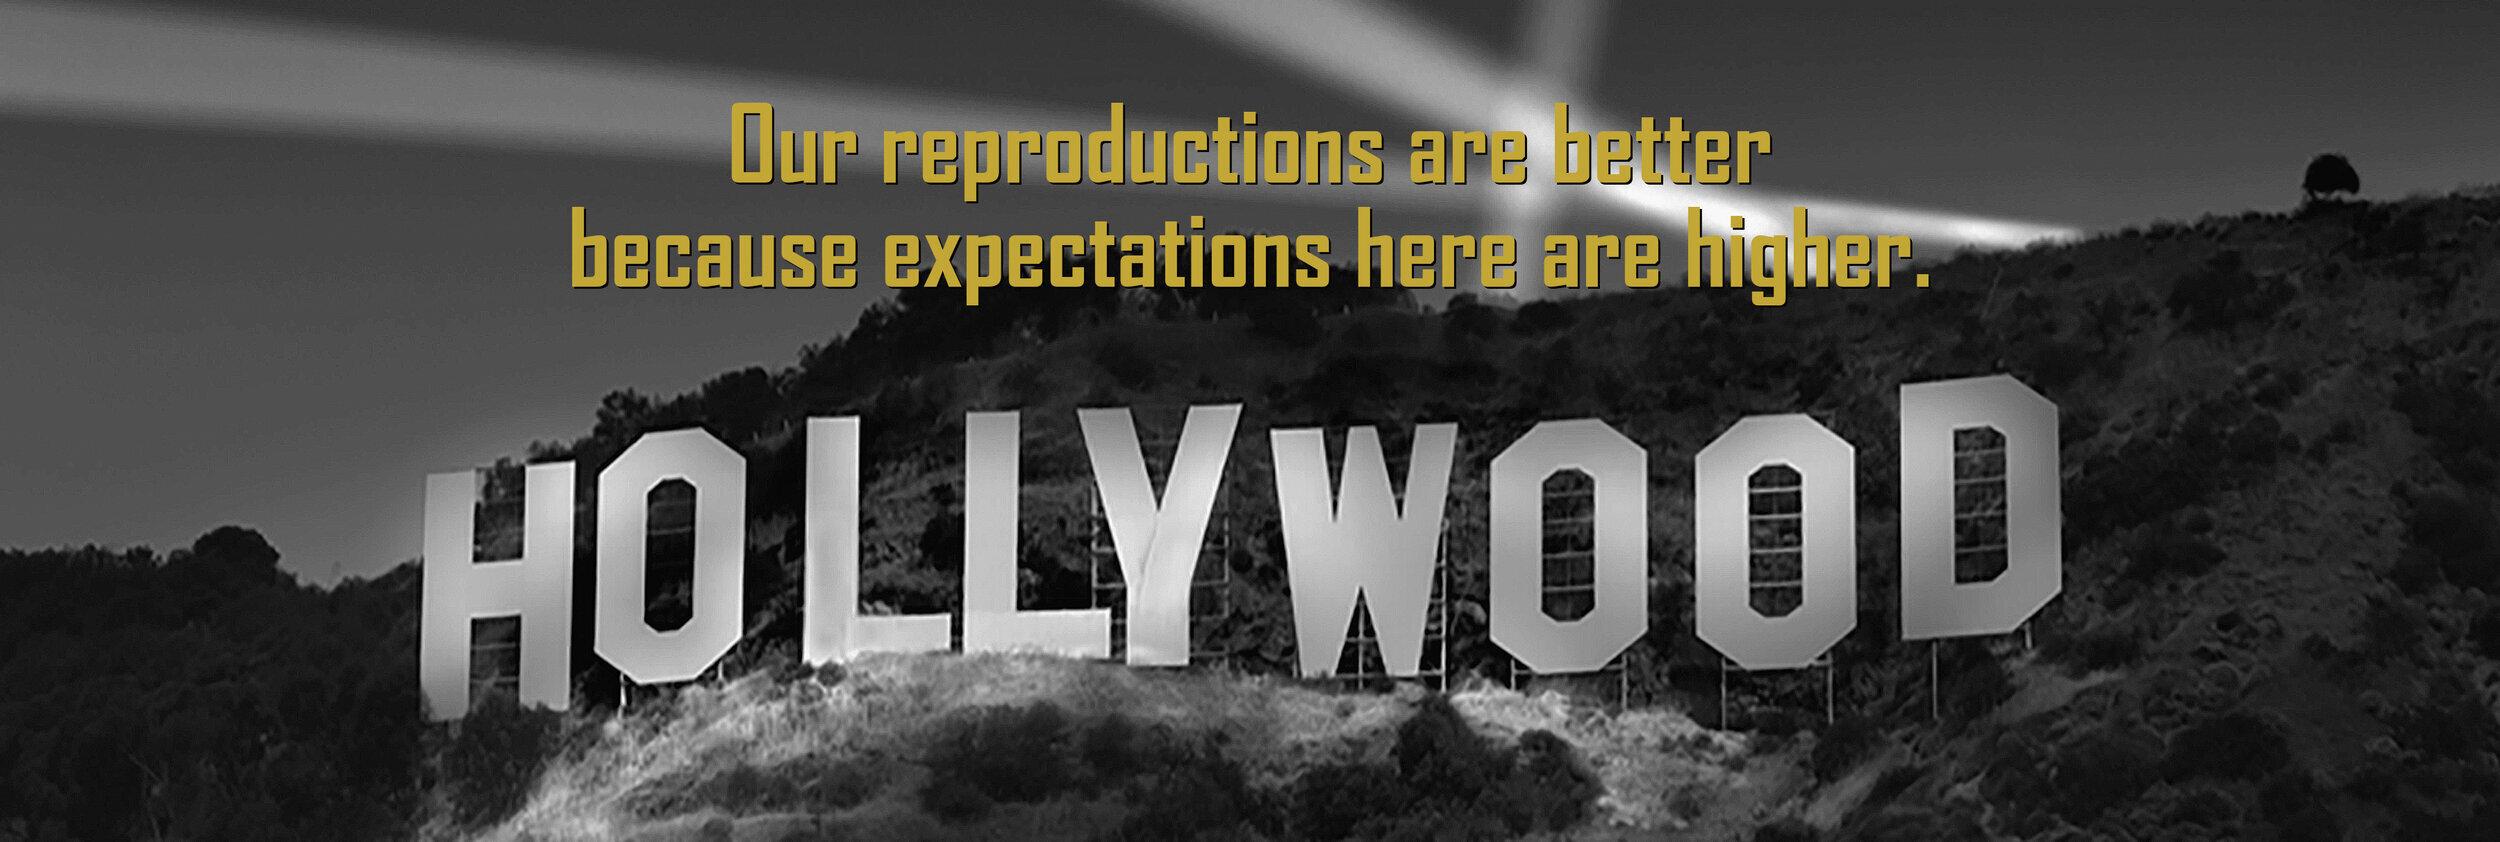 Hollywood banner.jpg